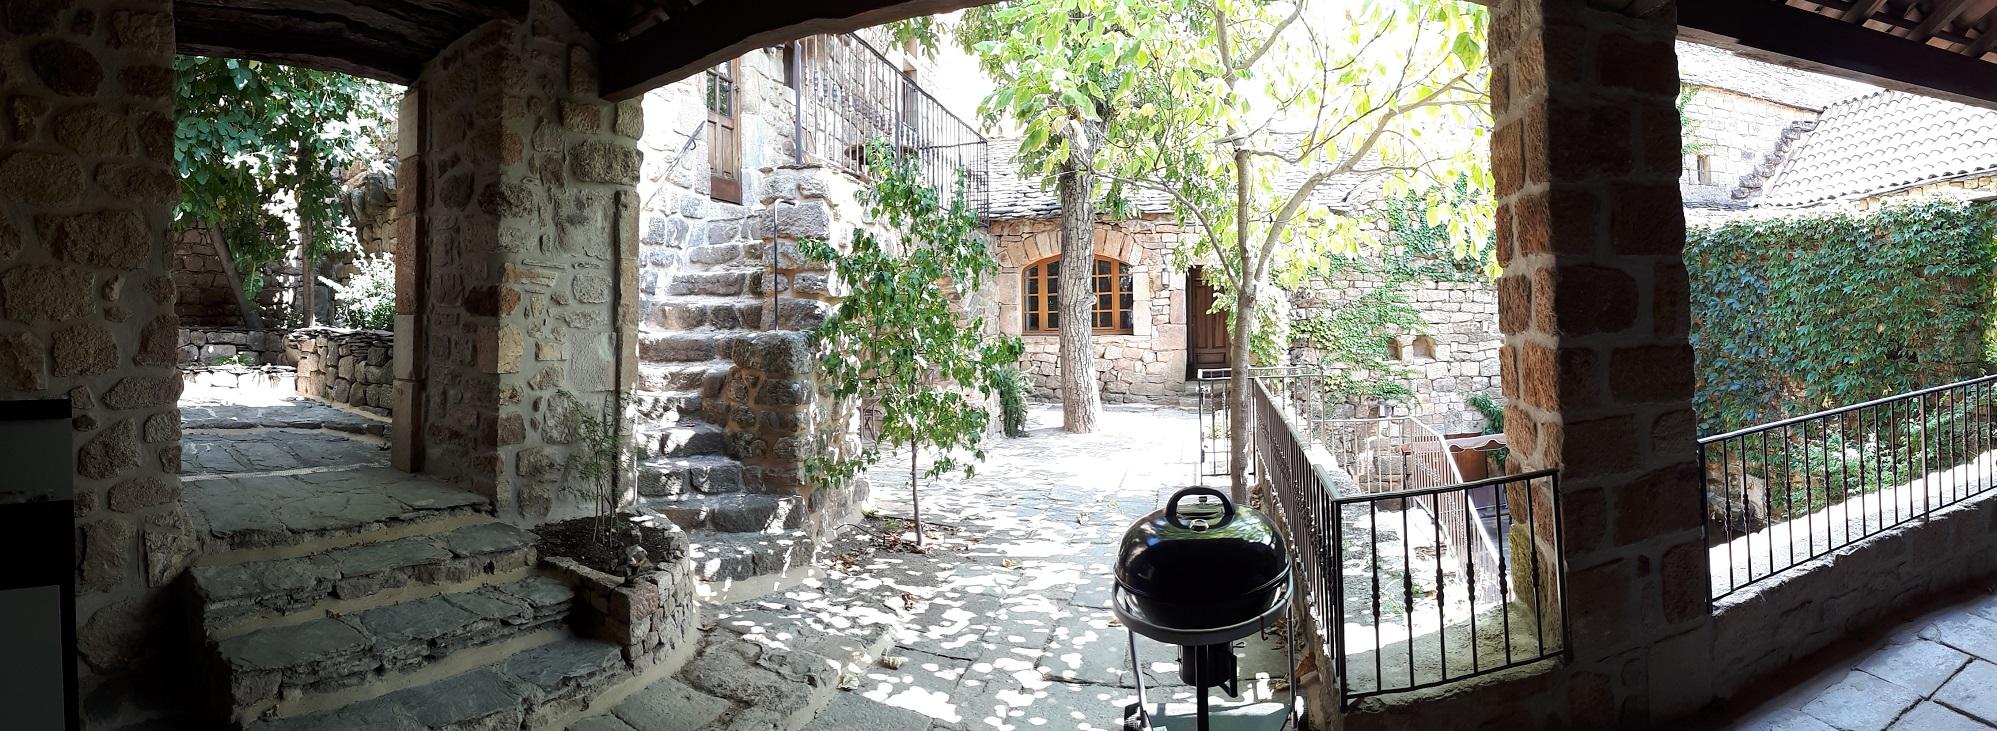 Terrasses intérieures du Gite Les Terrasses des Sielves